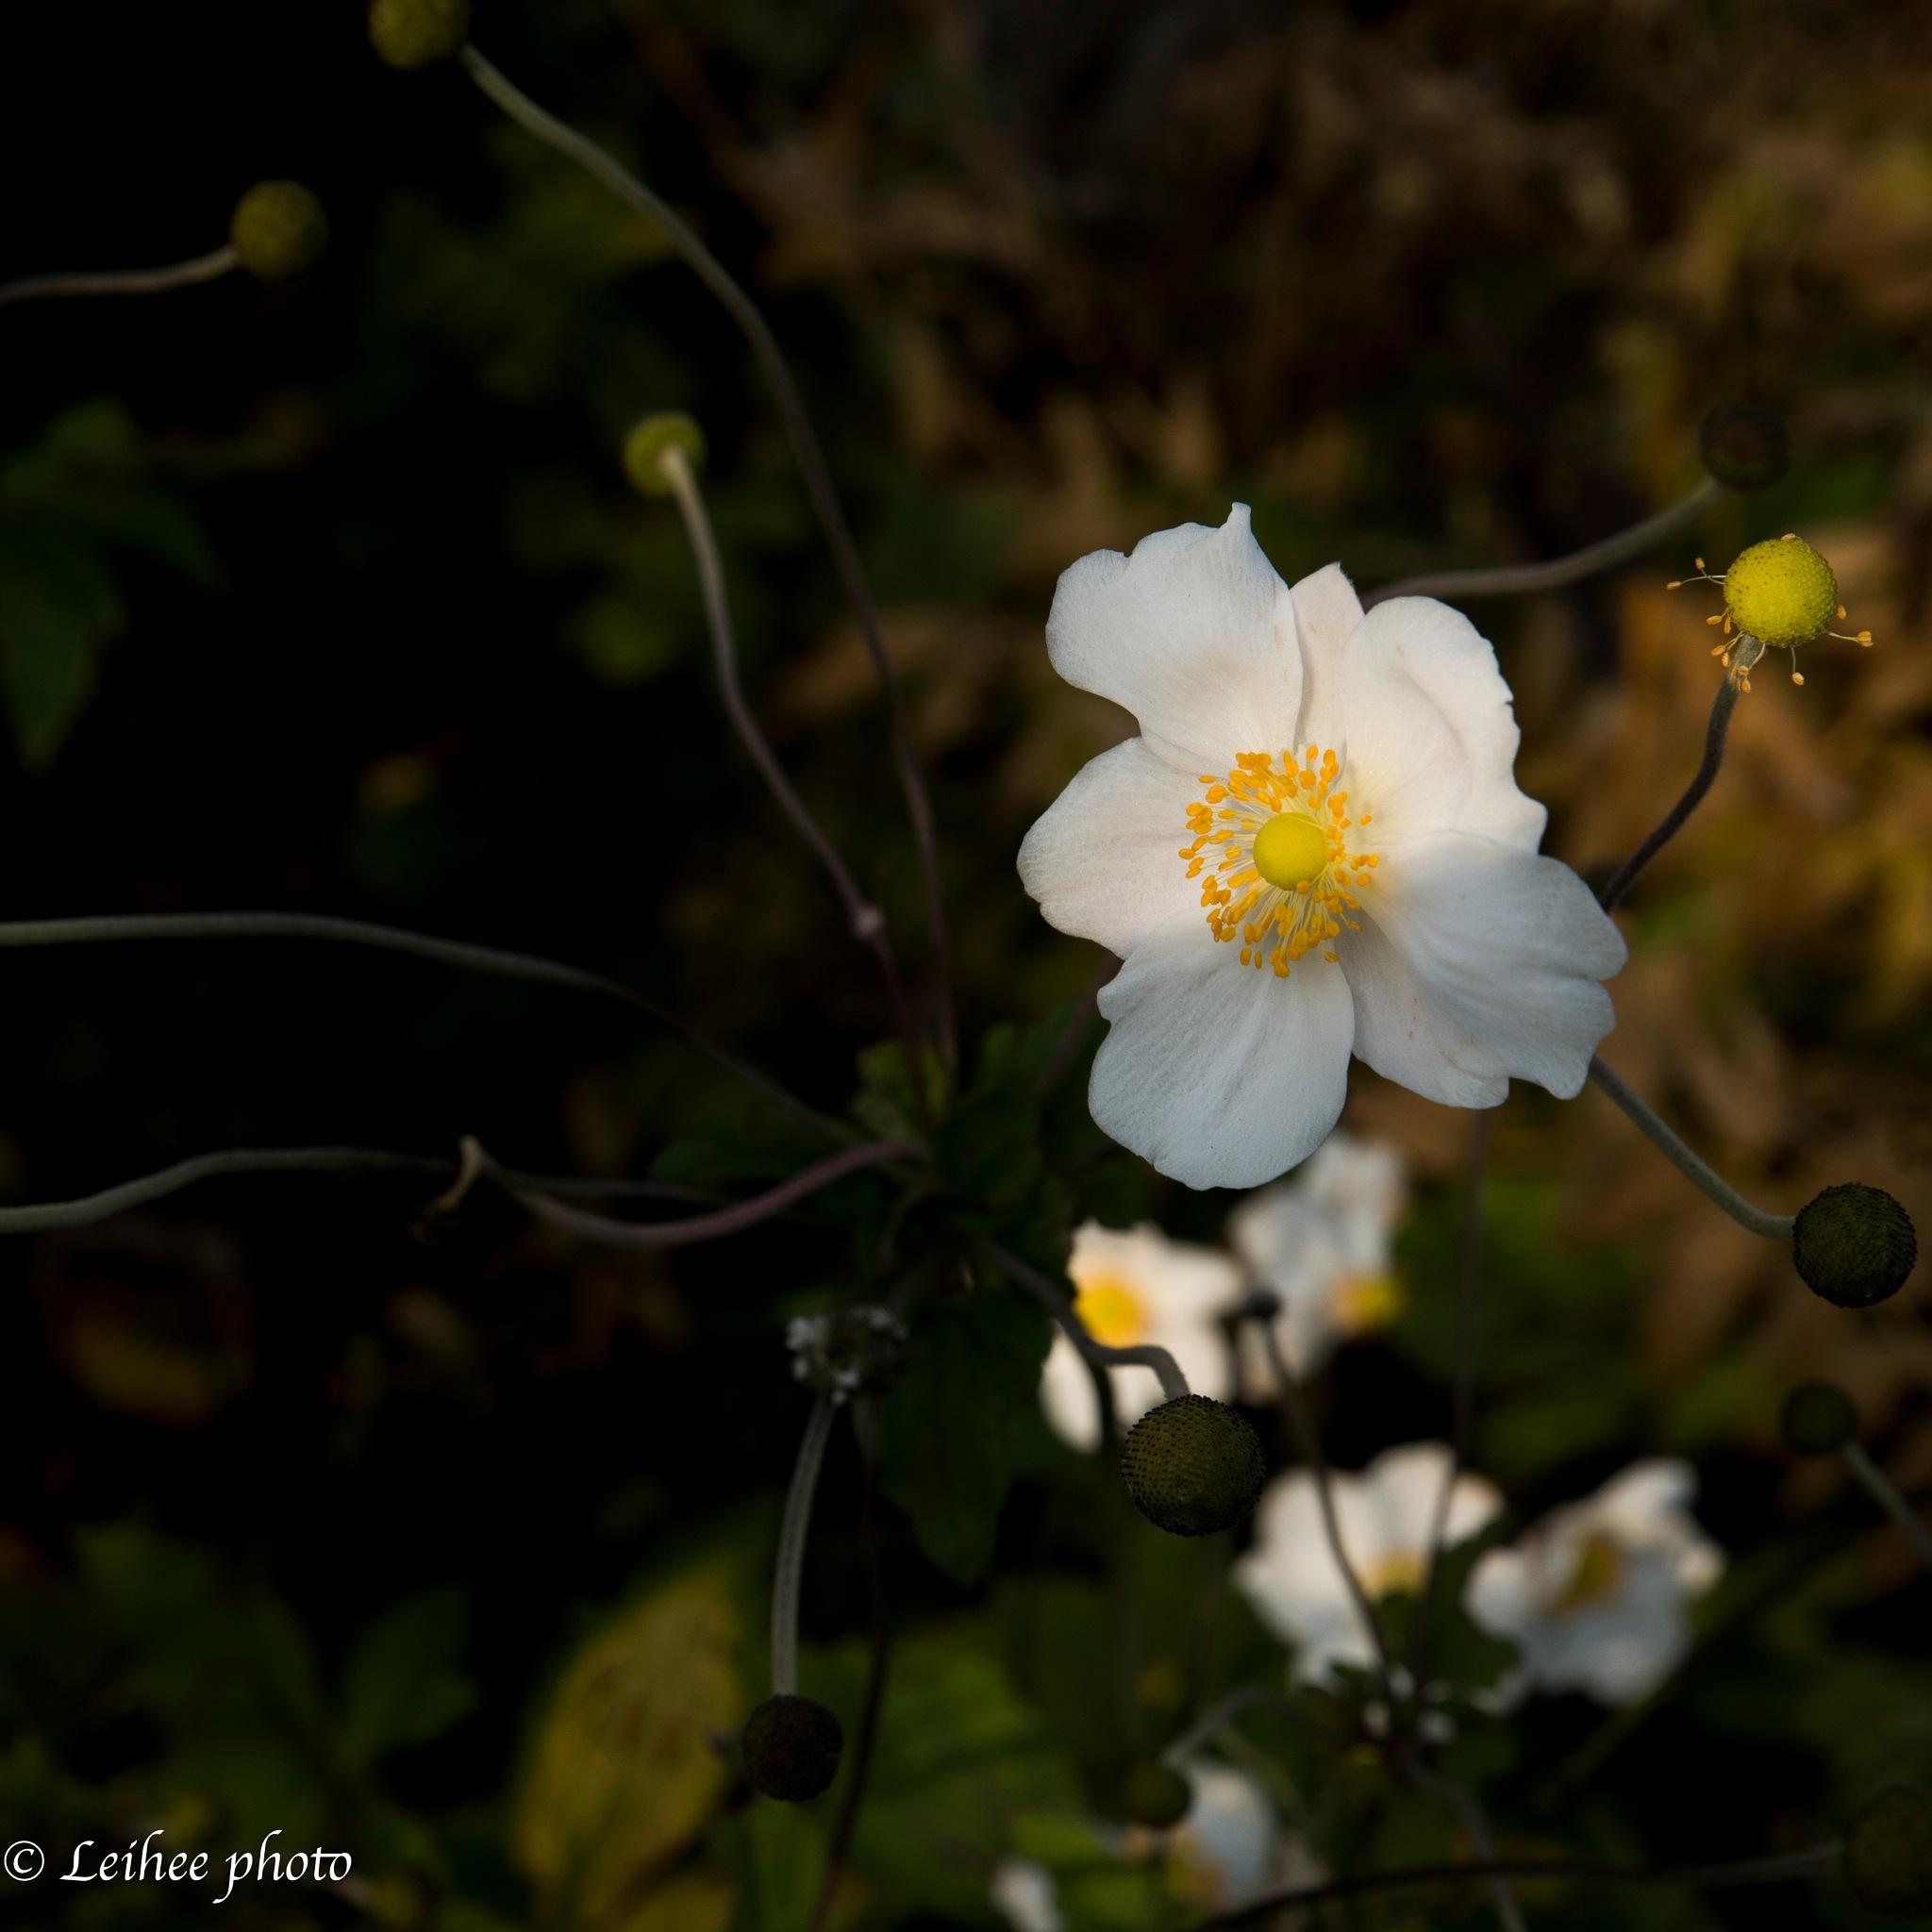 Flower by Leif Heering